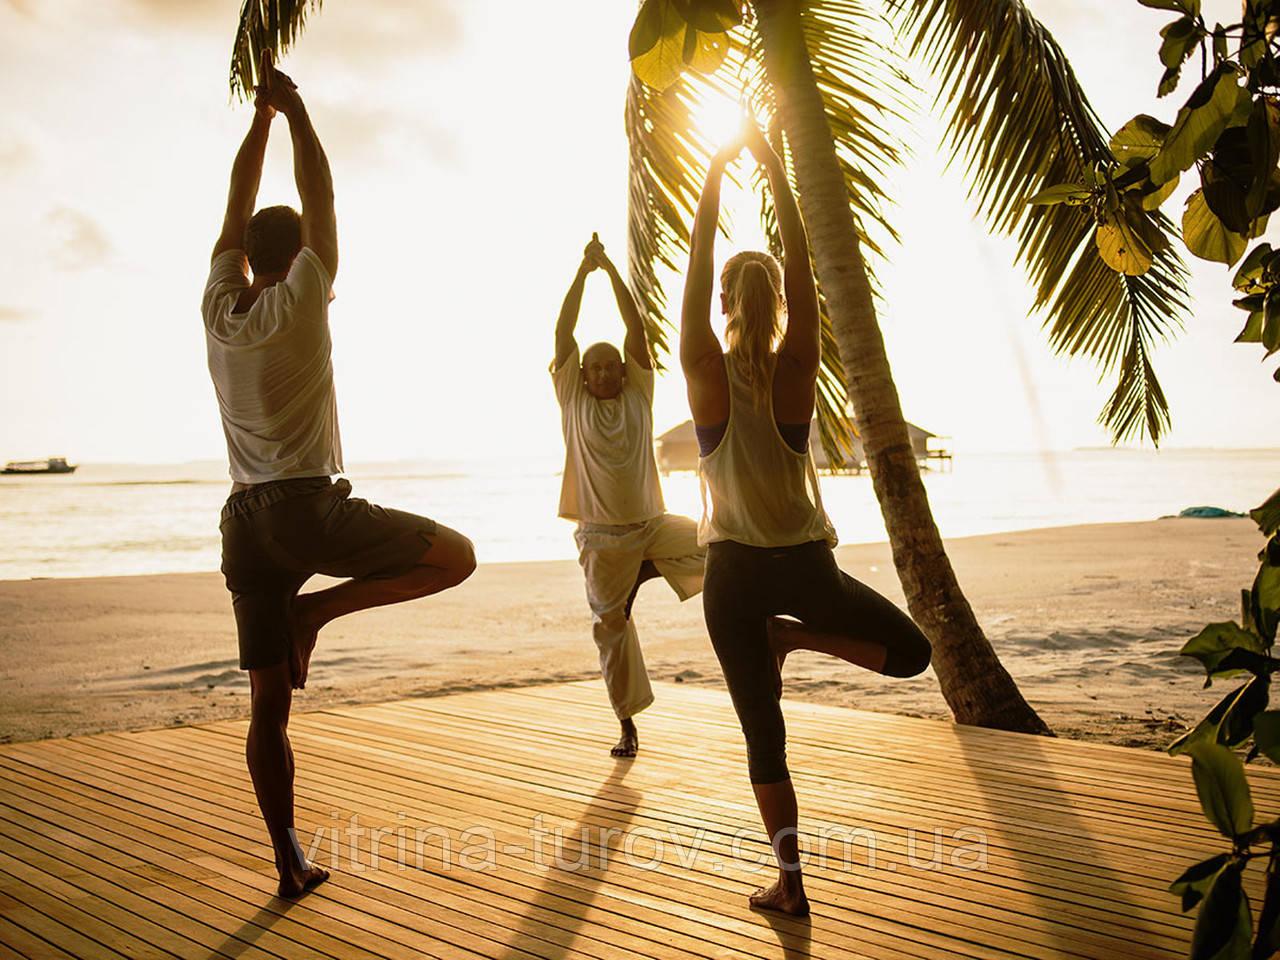 МАЛЬДИВЫ «Relax, Reset and Evolve» - эксклюзивно в отеле Kandima Maldives 4*!